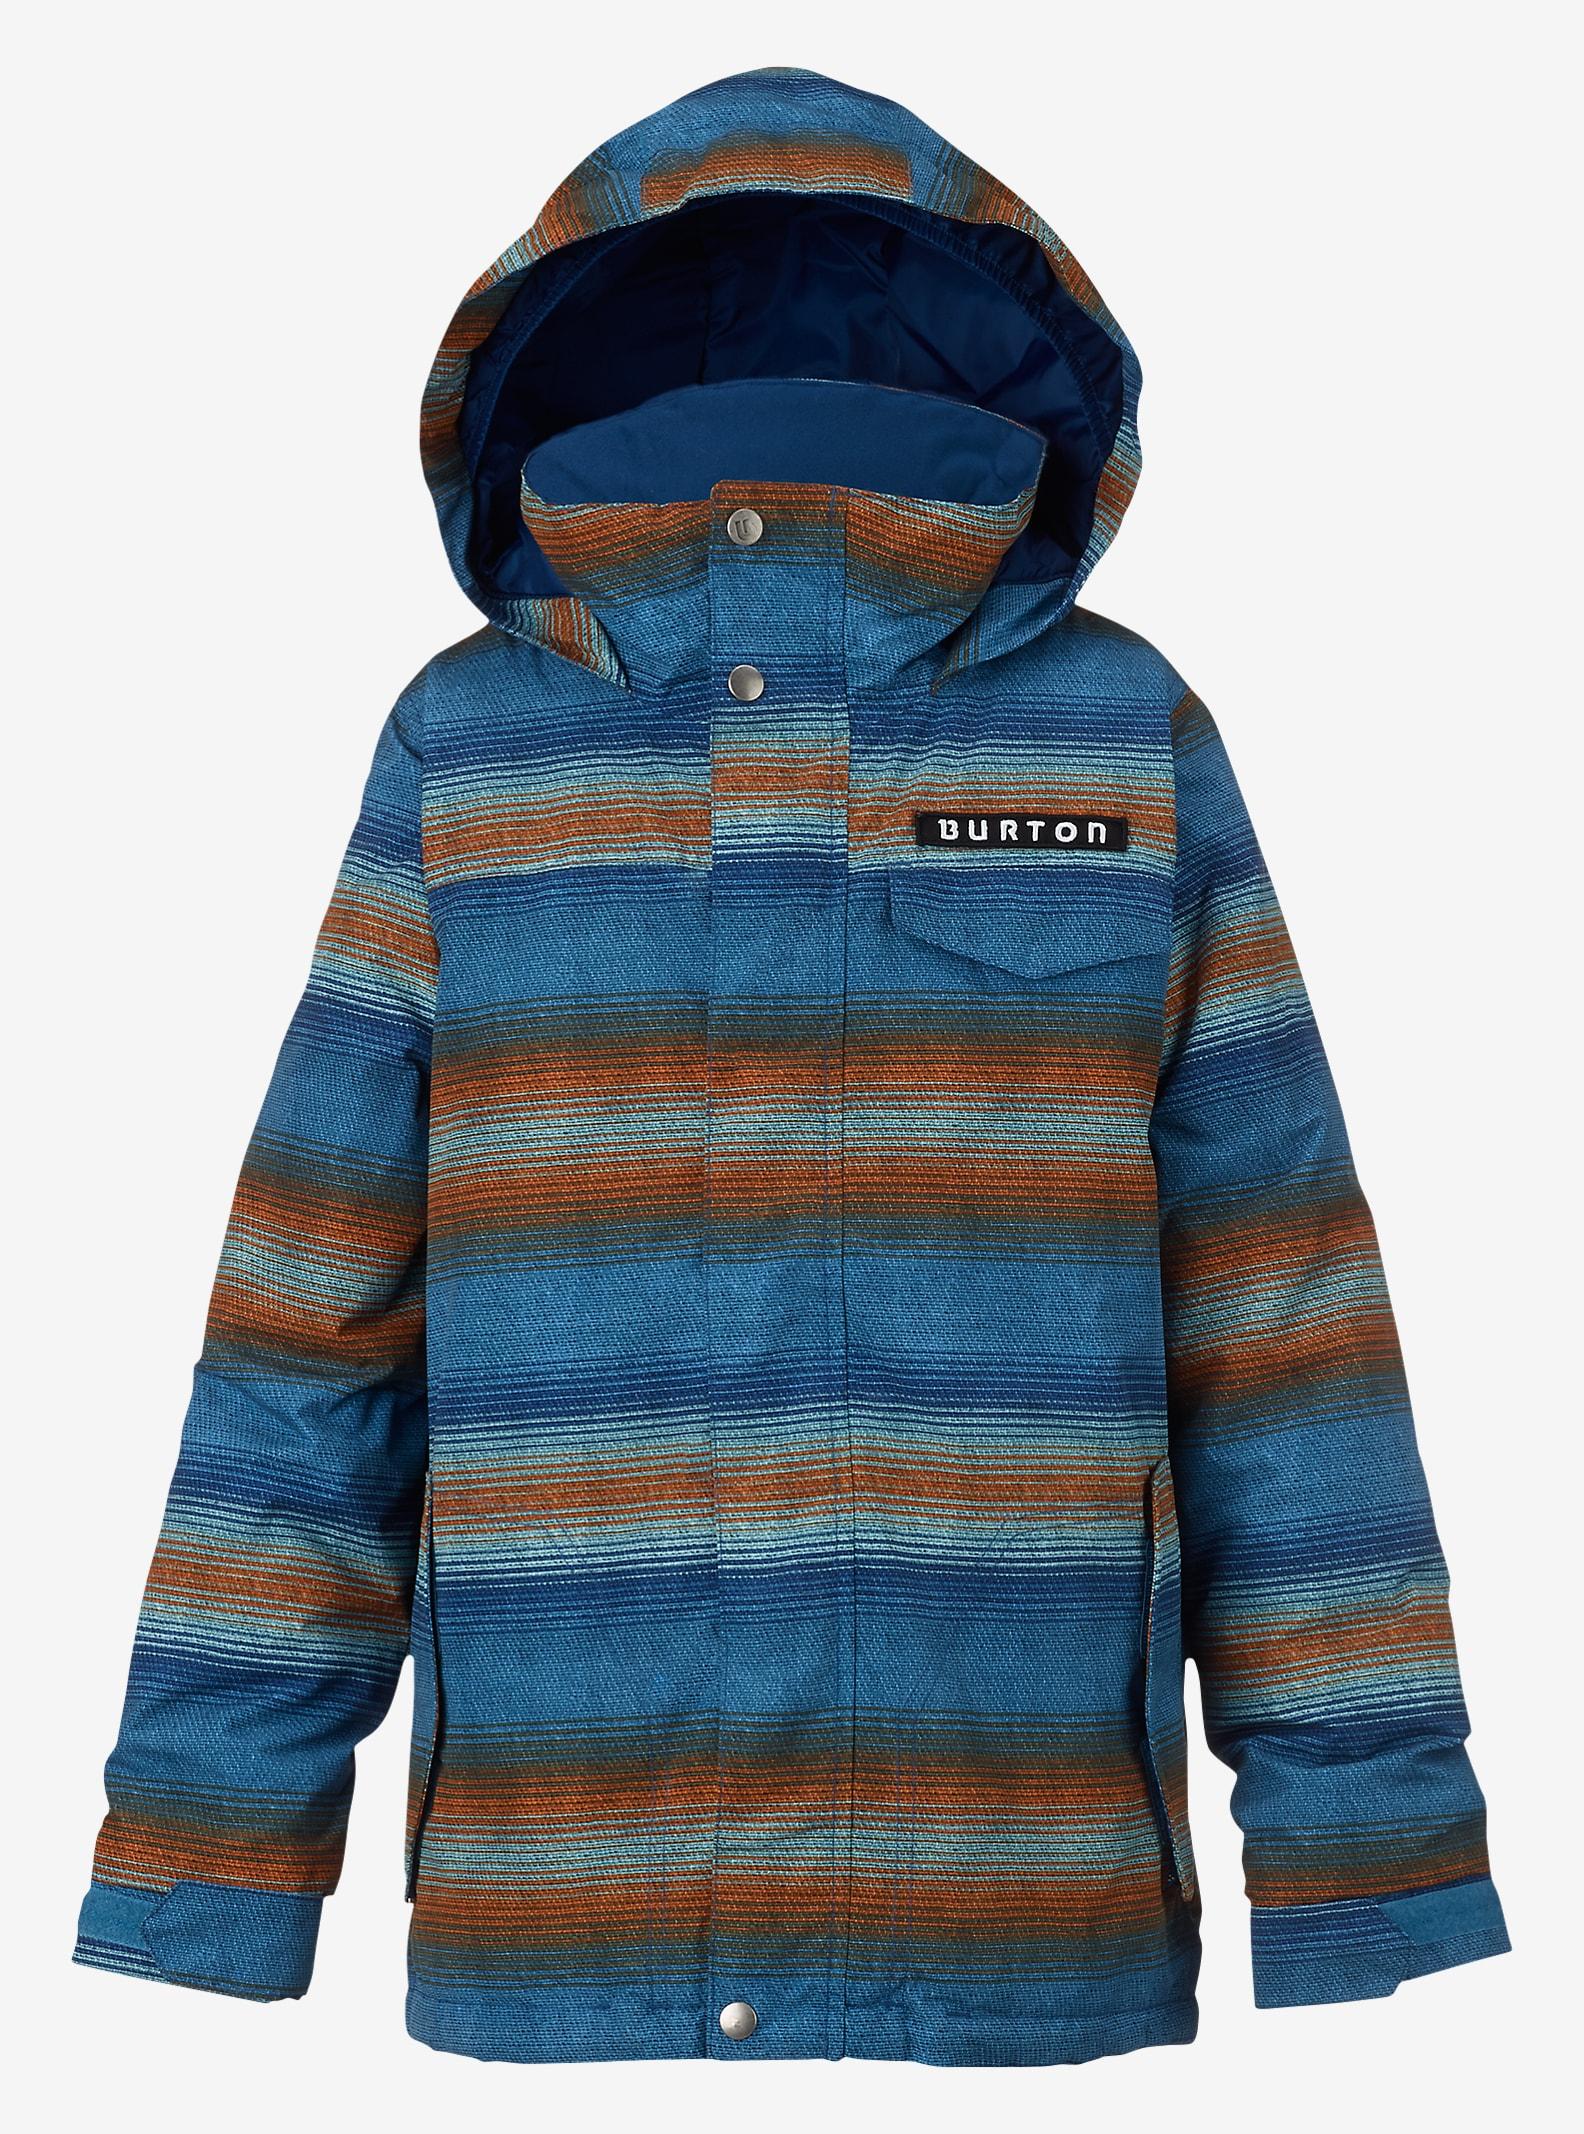 Burton Amped Jacke für Jungen angezeigt in Glacier Beach Stripe